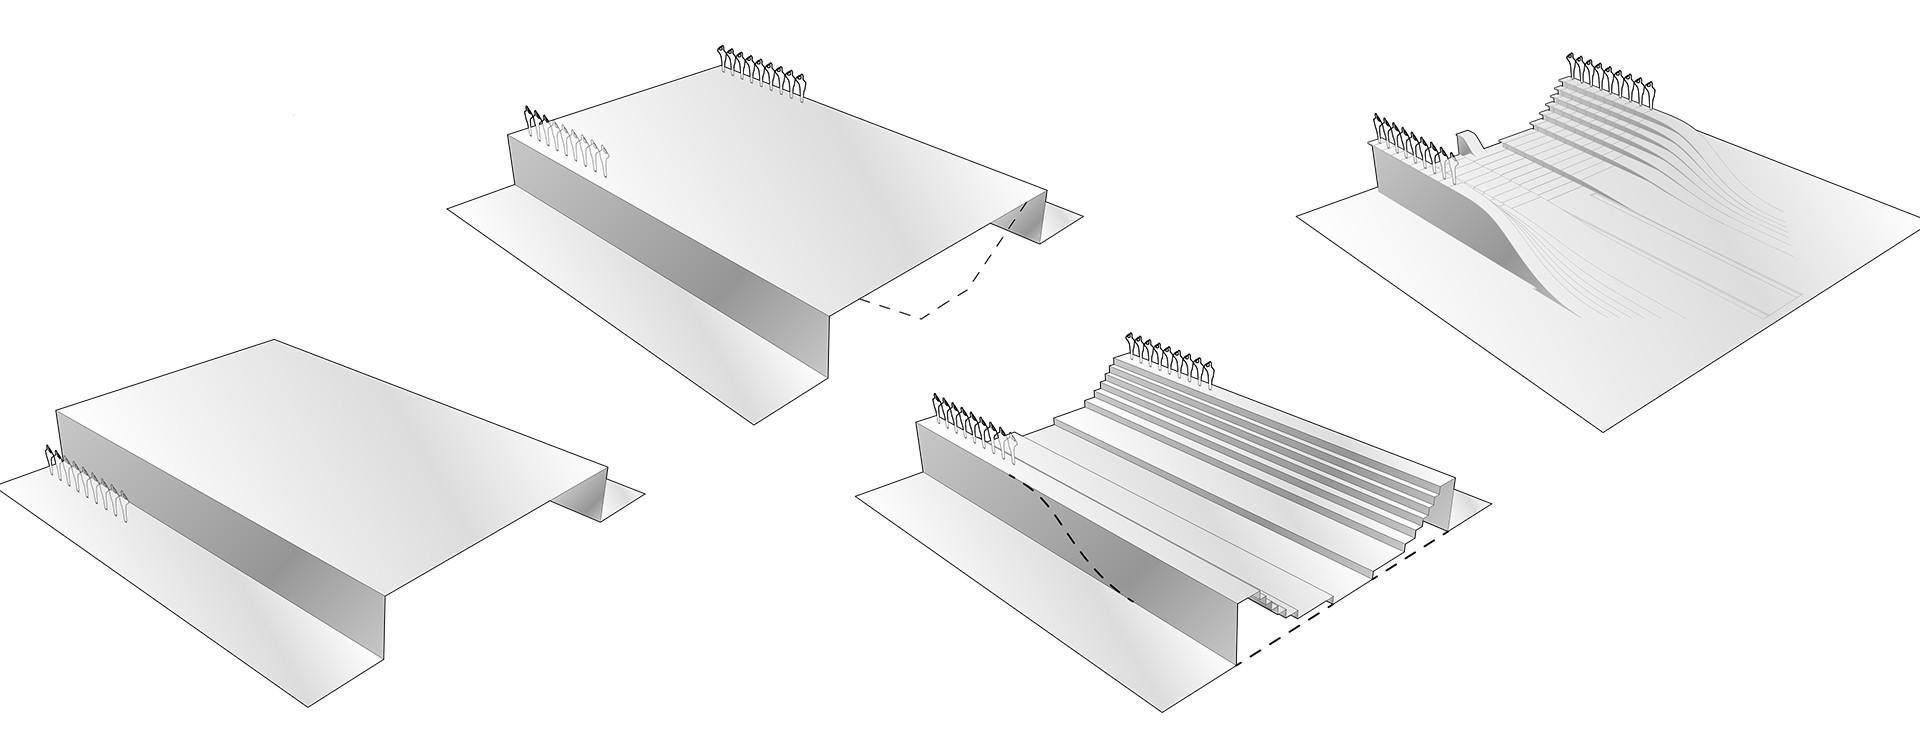 World War 1 Memorial Concept Diagrams